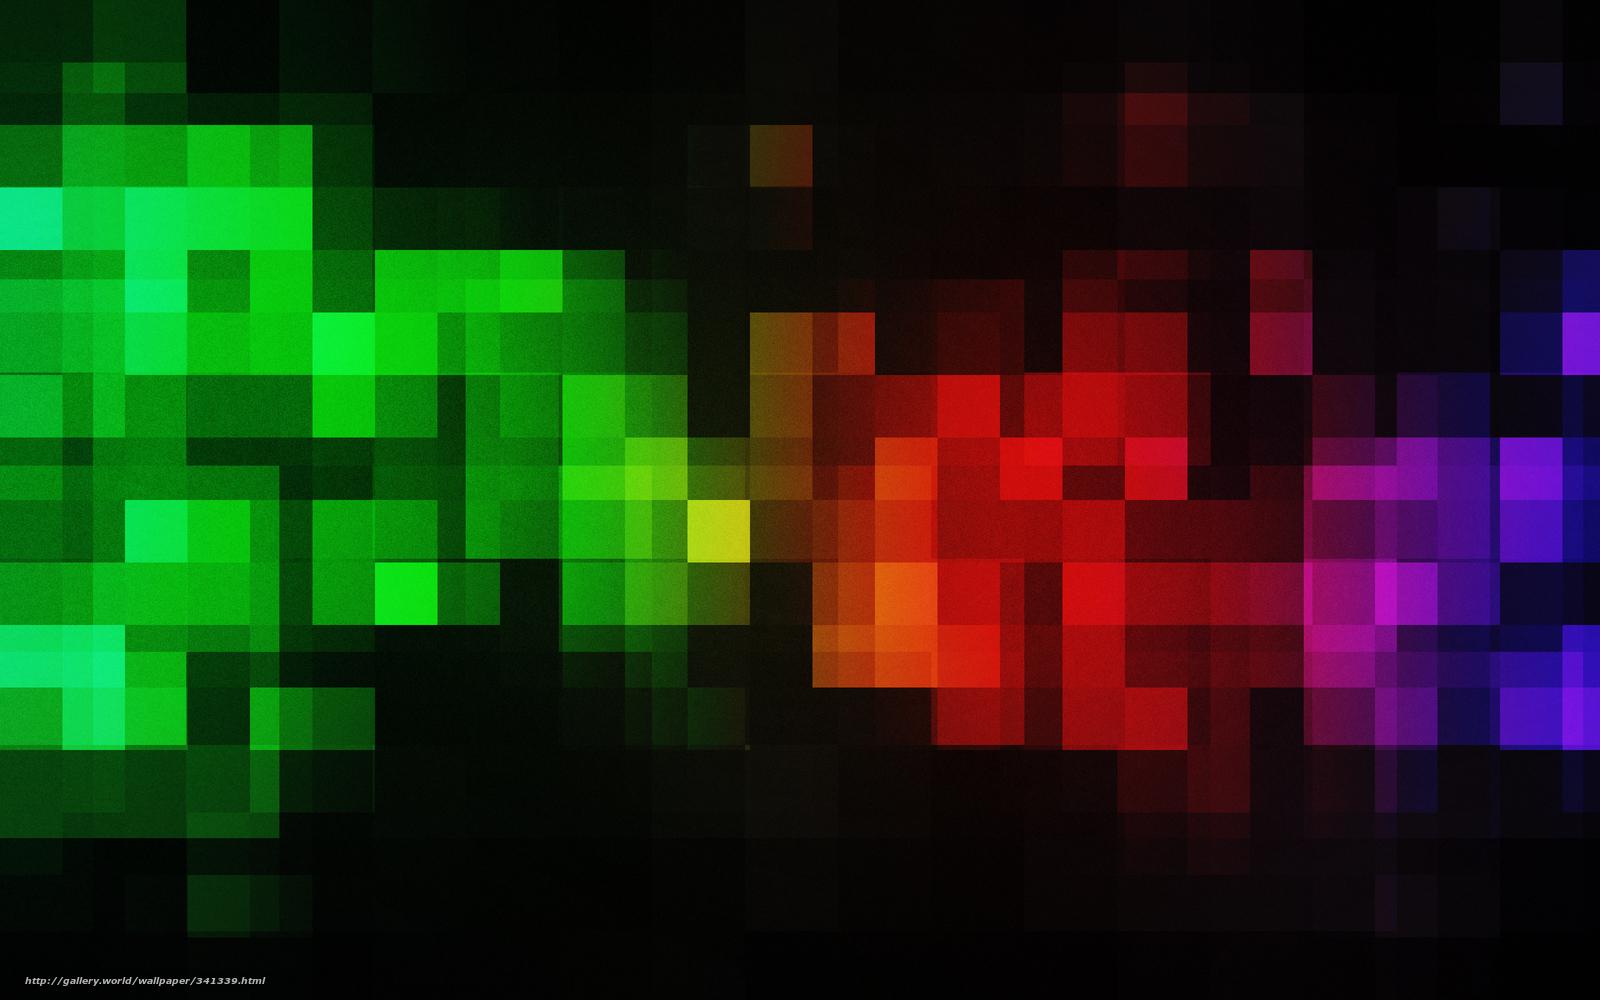 Download Hintergrund Abstraktion, Muster, Pixel, Farben Freie ...